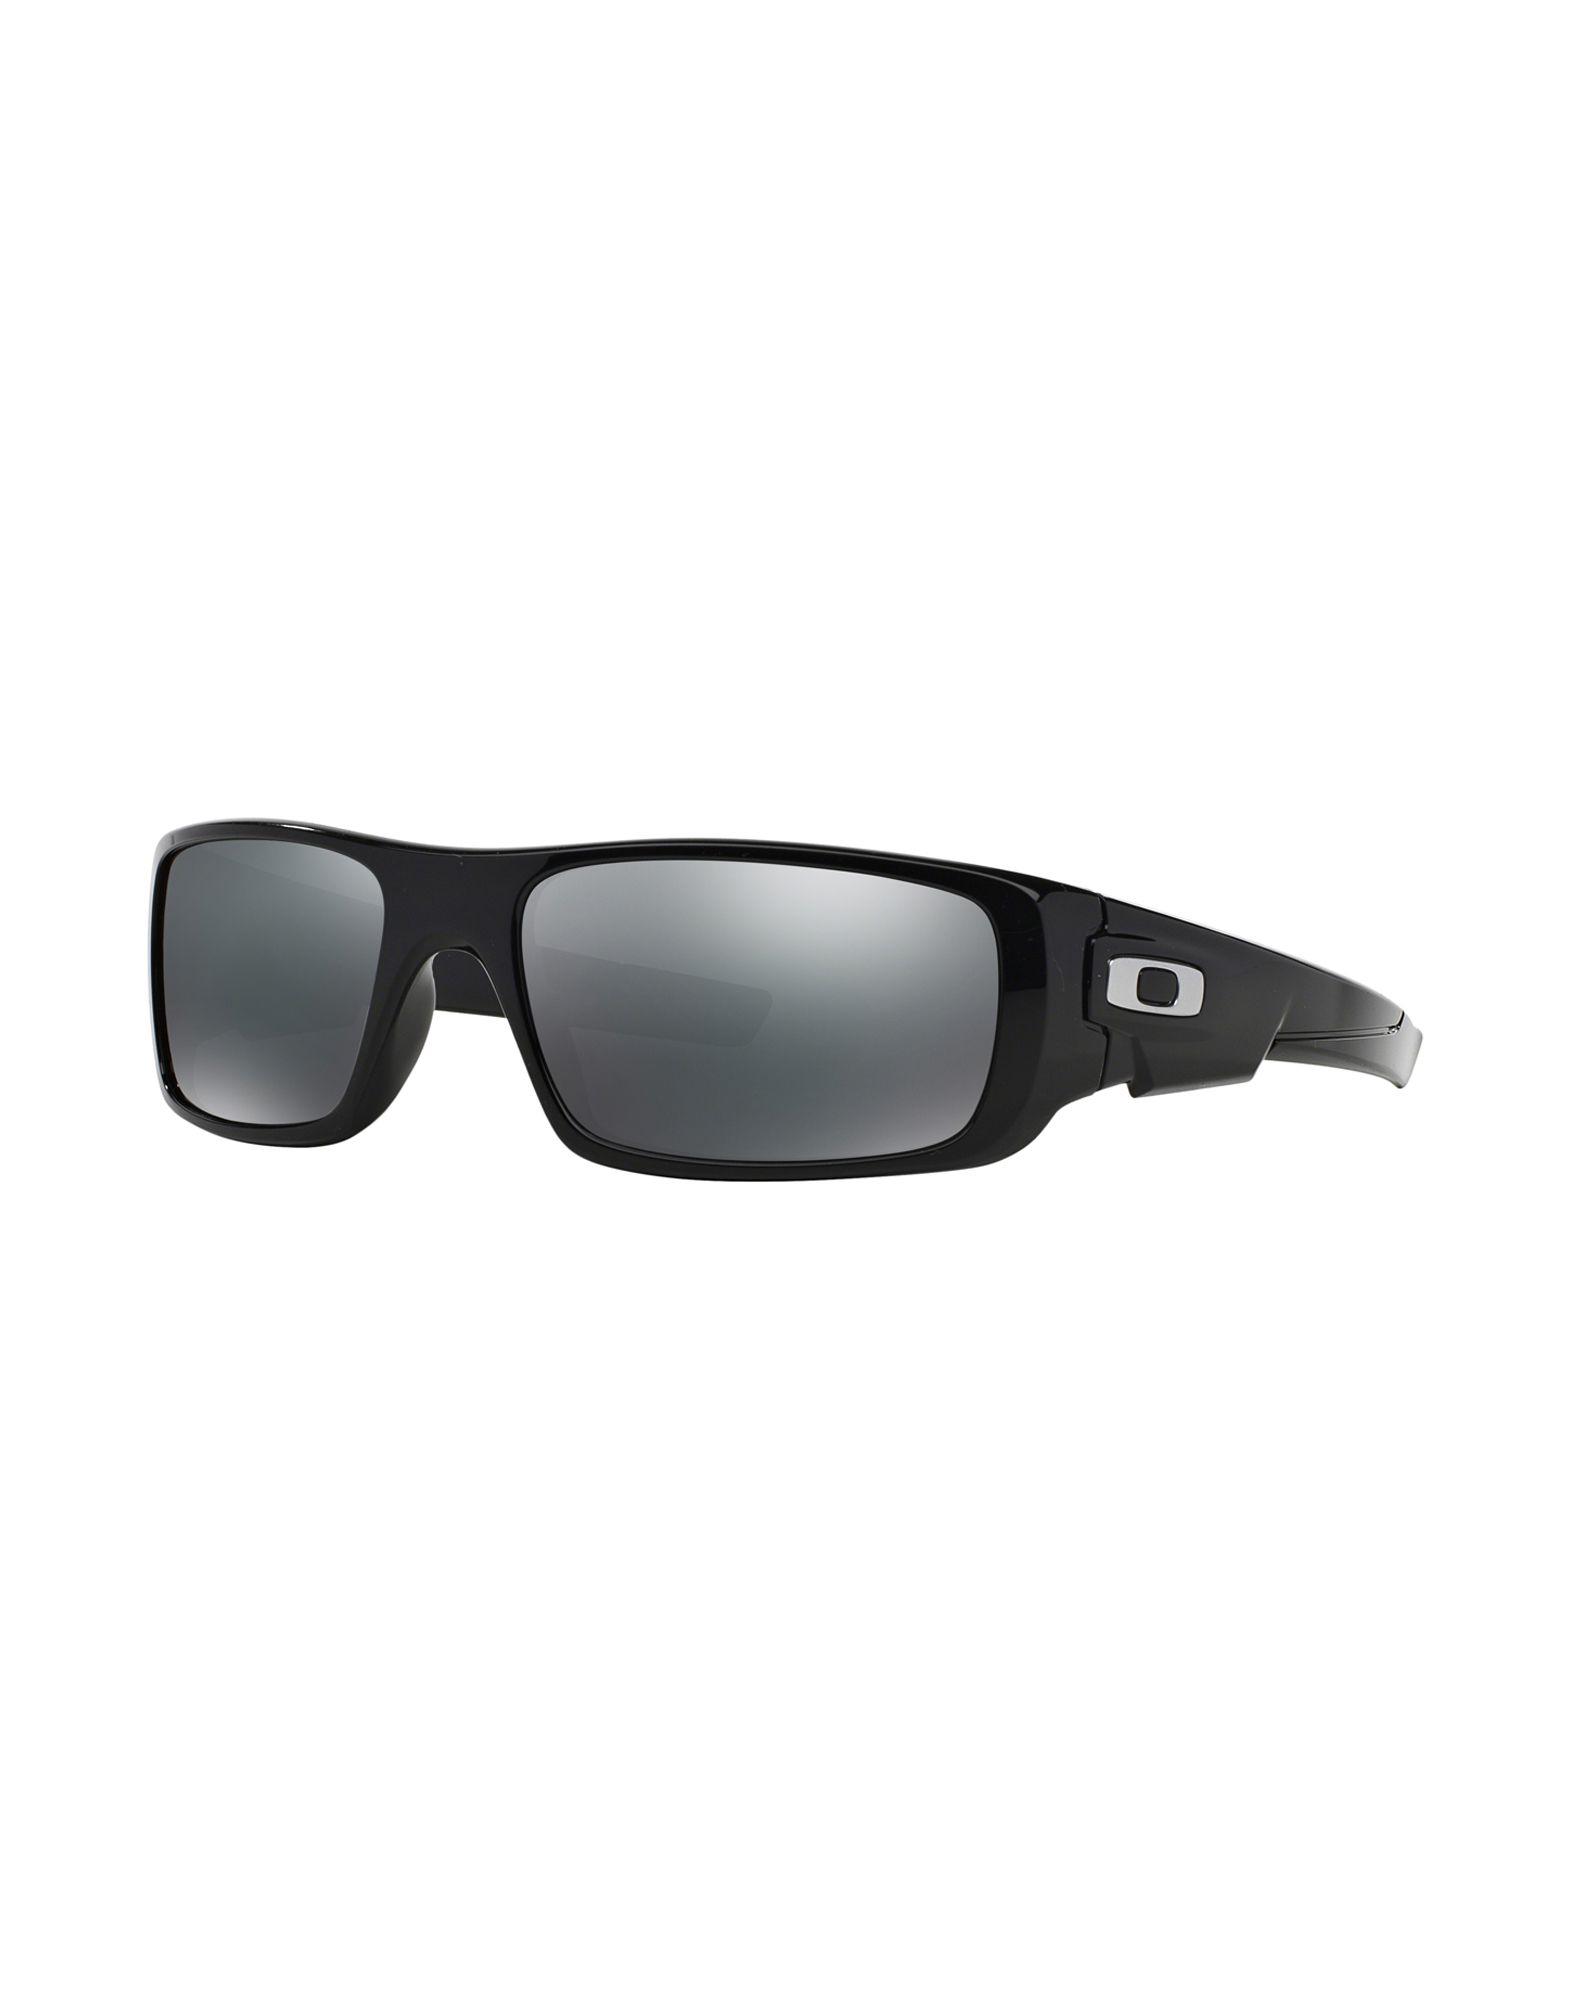 OAKLEY Herren Sonnenbrille Farbe Schwarz Größe 1